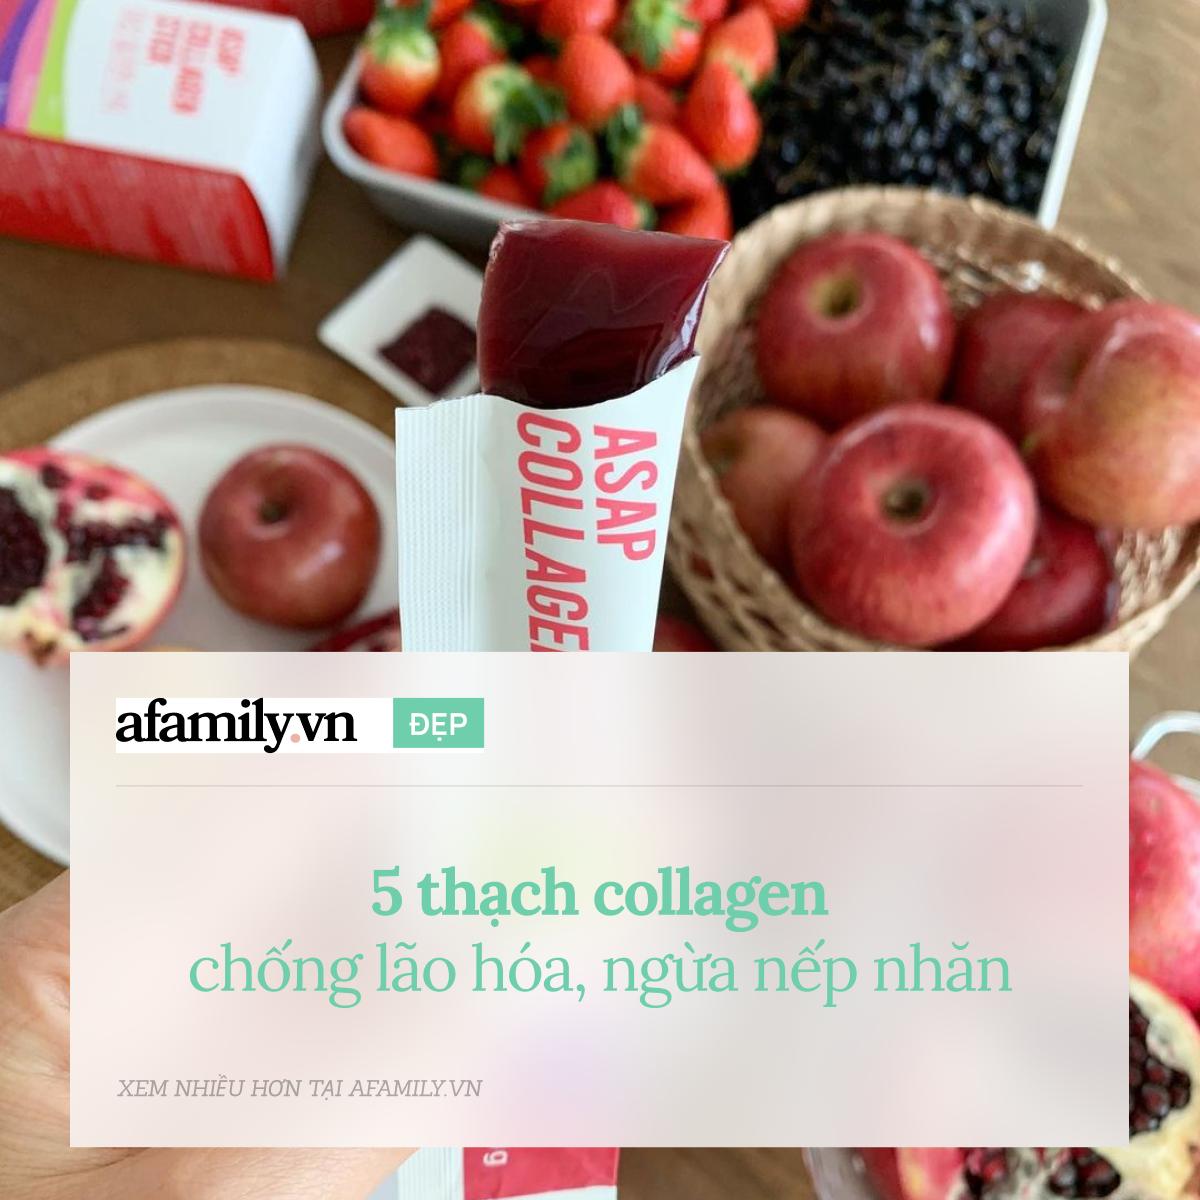 5 thạch collagen ngừa lão hóa tốt nhất, cho da căng mịn mướt mát - Ảnh 1.